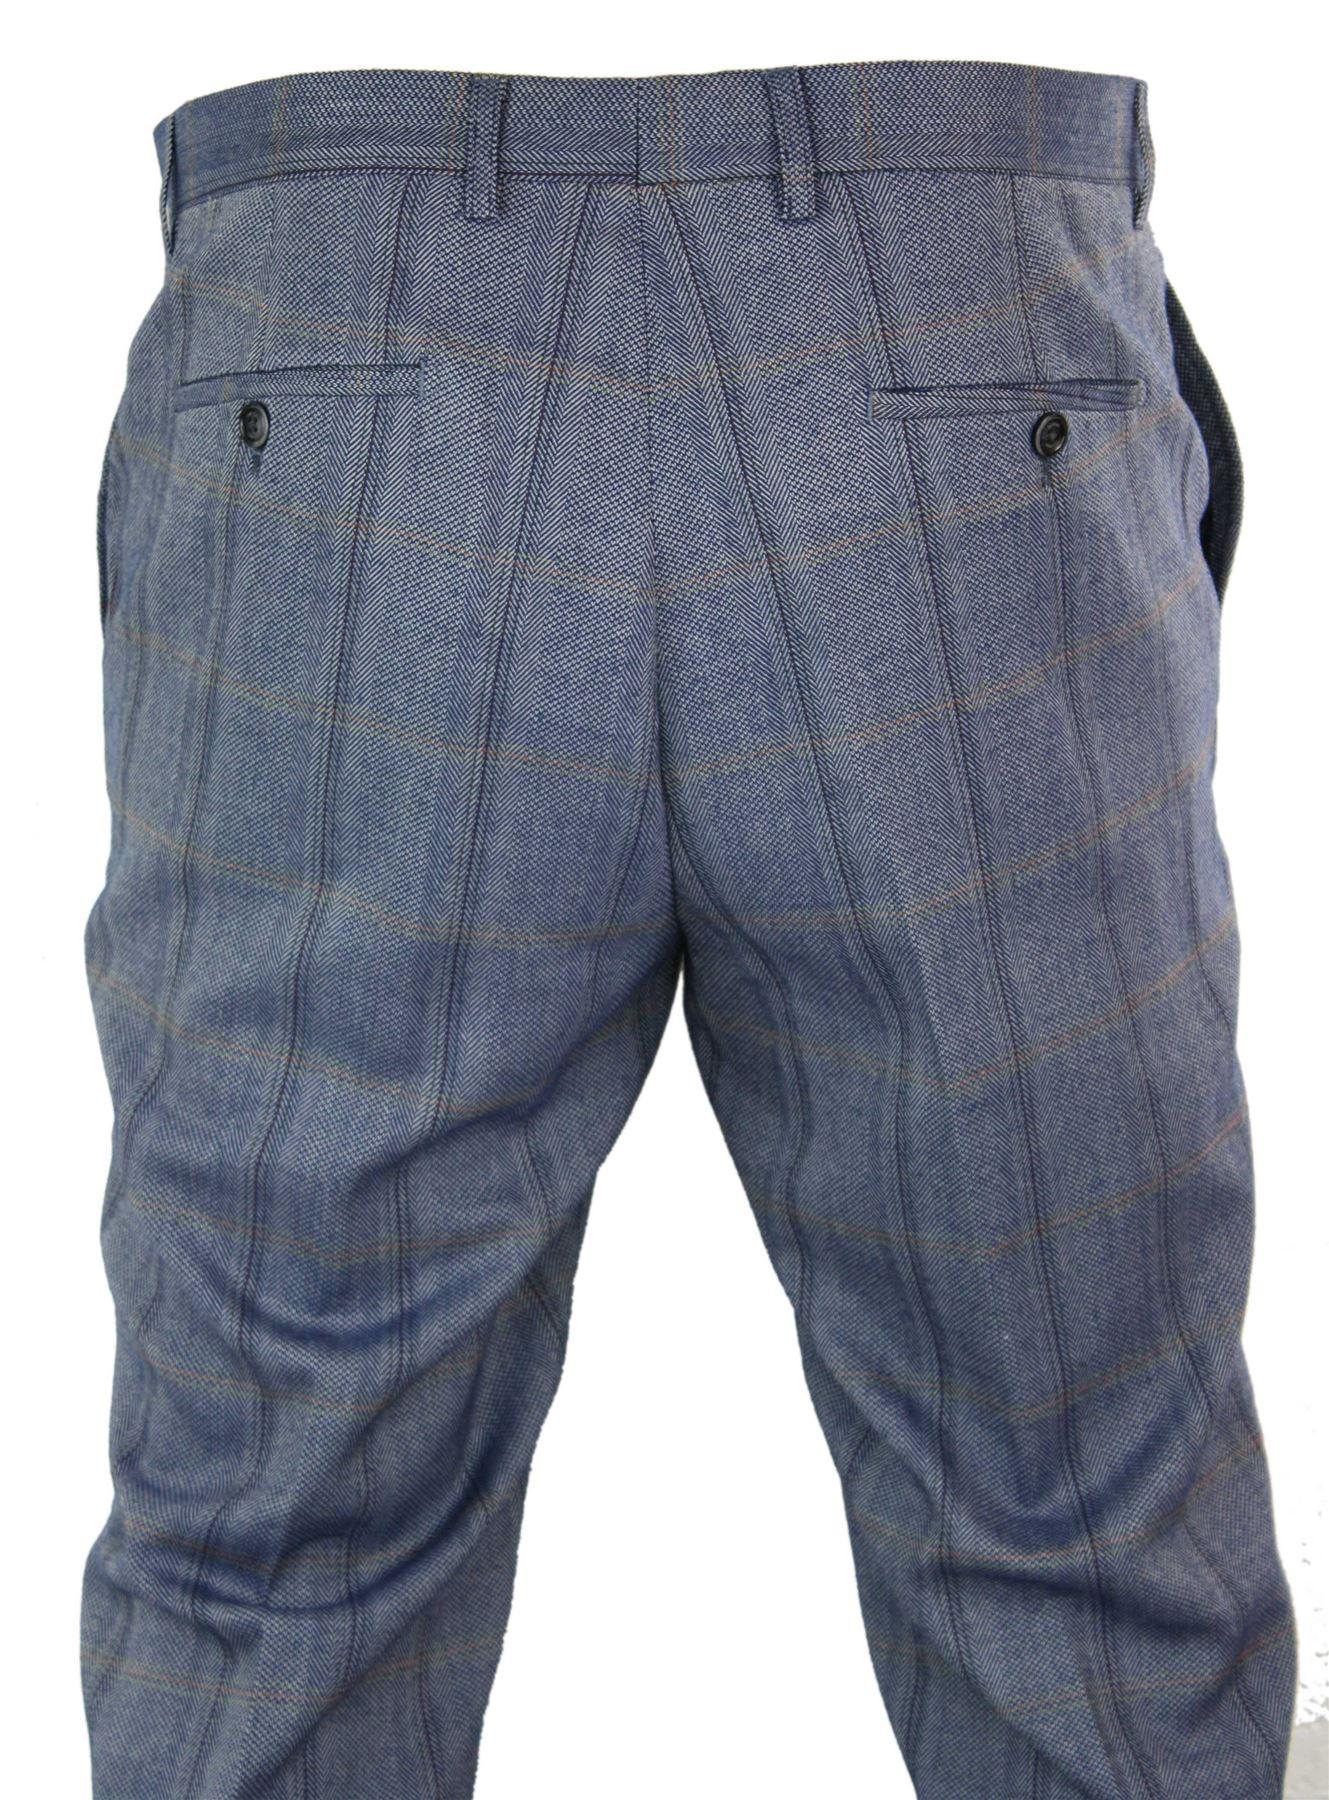 Mens-Herringbone-Tweed-Check-Peaky-Blinders-Trousers-Wool-Vintage-Classic-Retro thumbnail 3